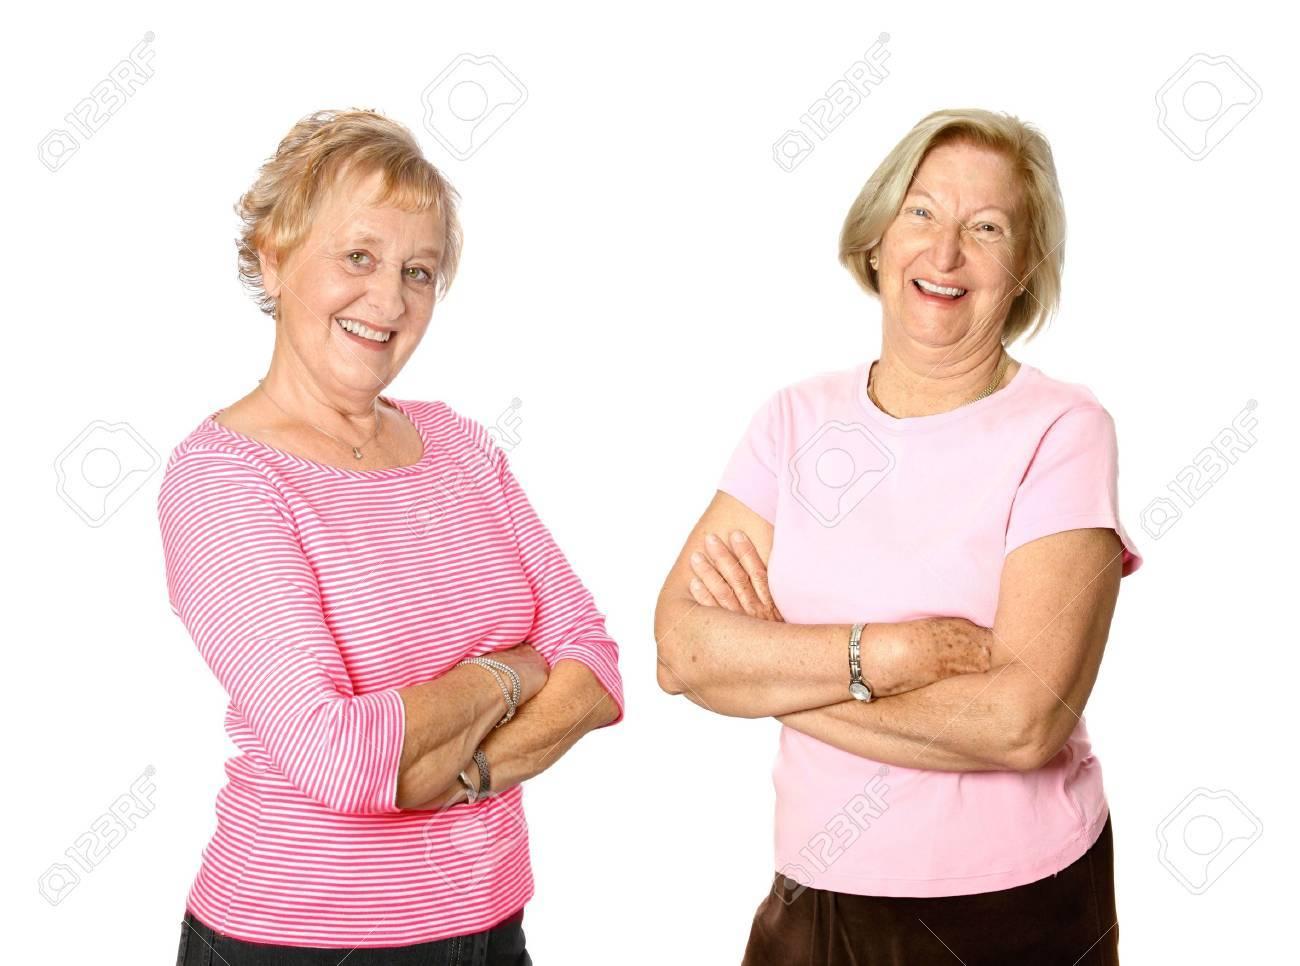 kleding voor oudere vrouwen